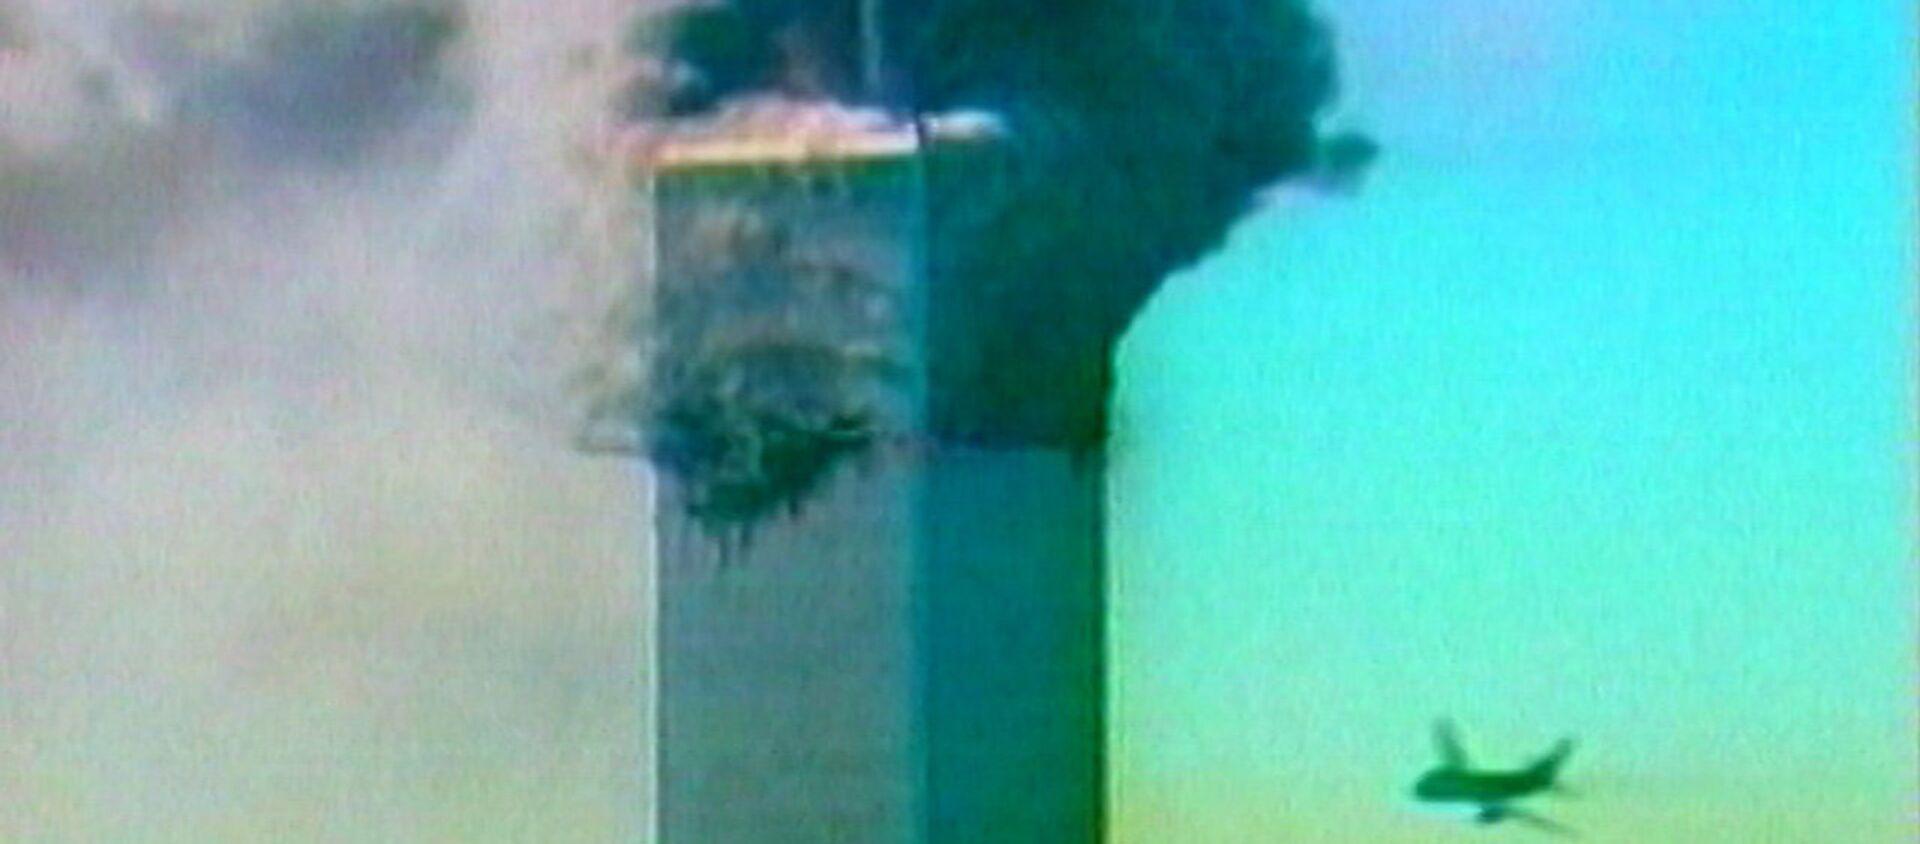 Террористический акт в Нью-Йорке 11 сентября 2001 года. Кадры из архива - Sputnik Абхазия, 1920, 11.09.2019